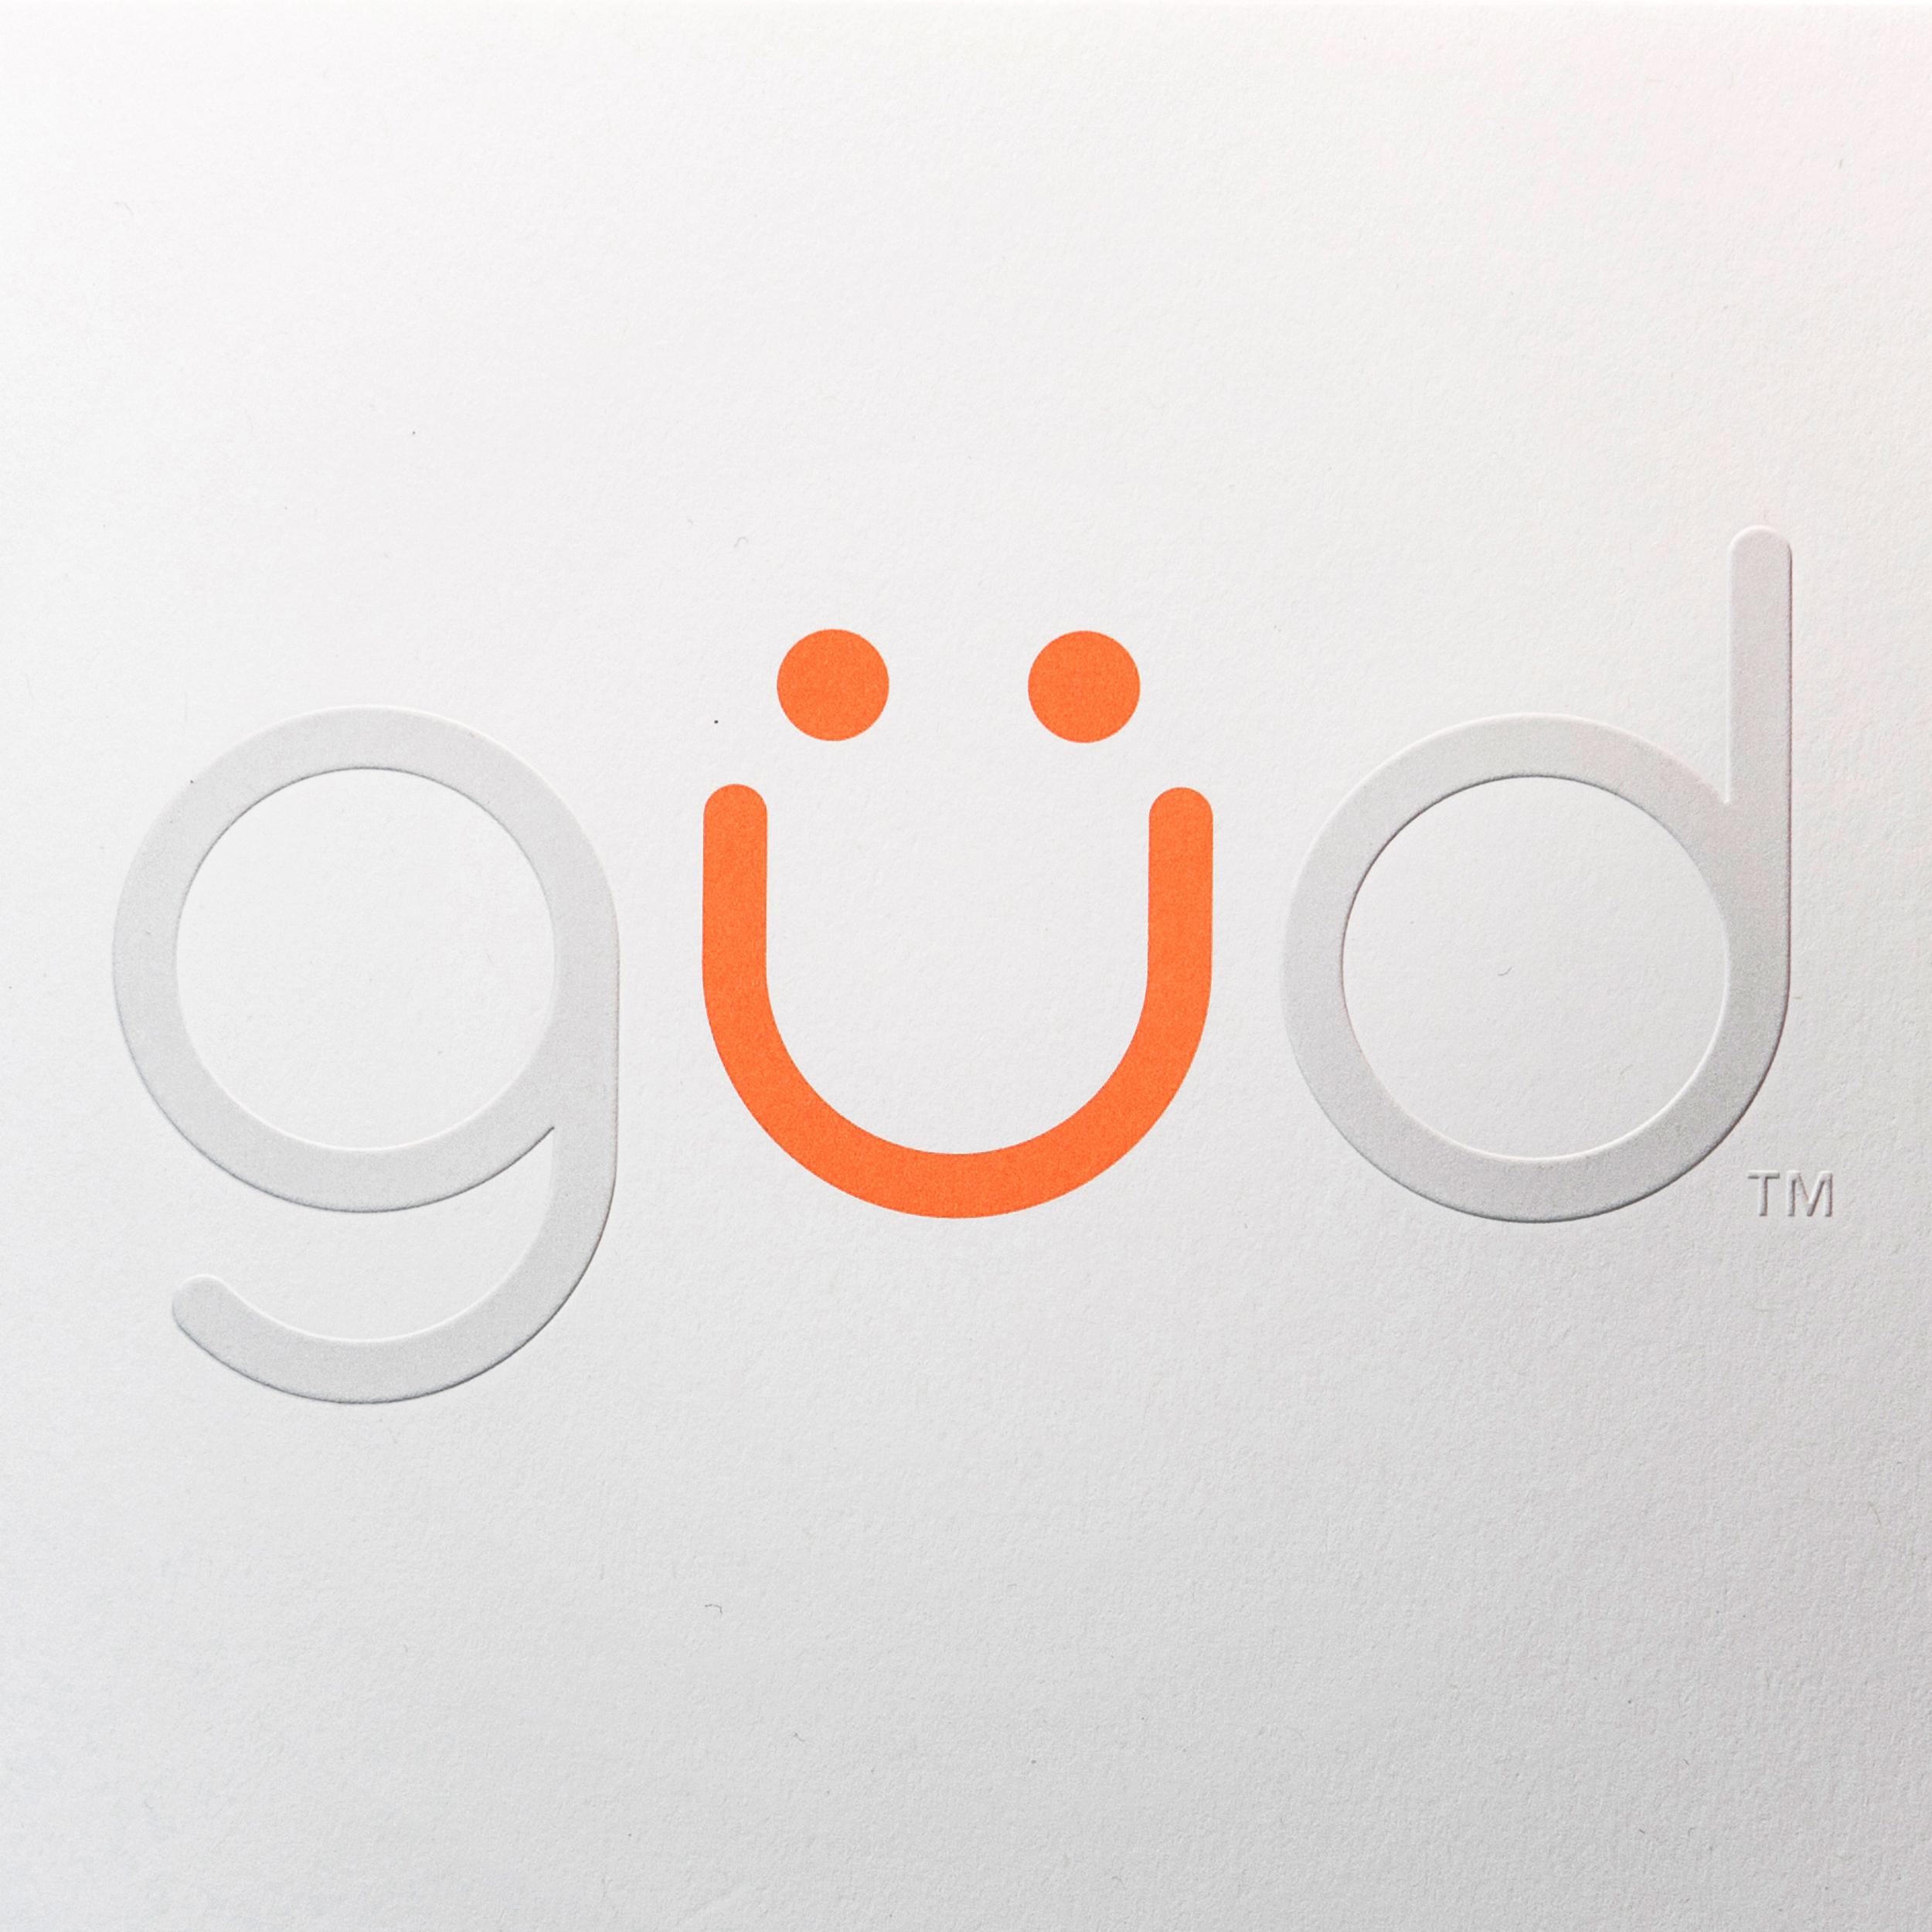 güd—Brand Book